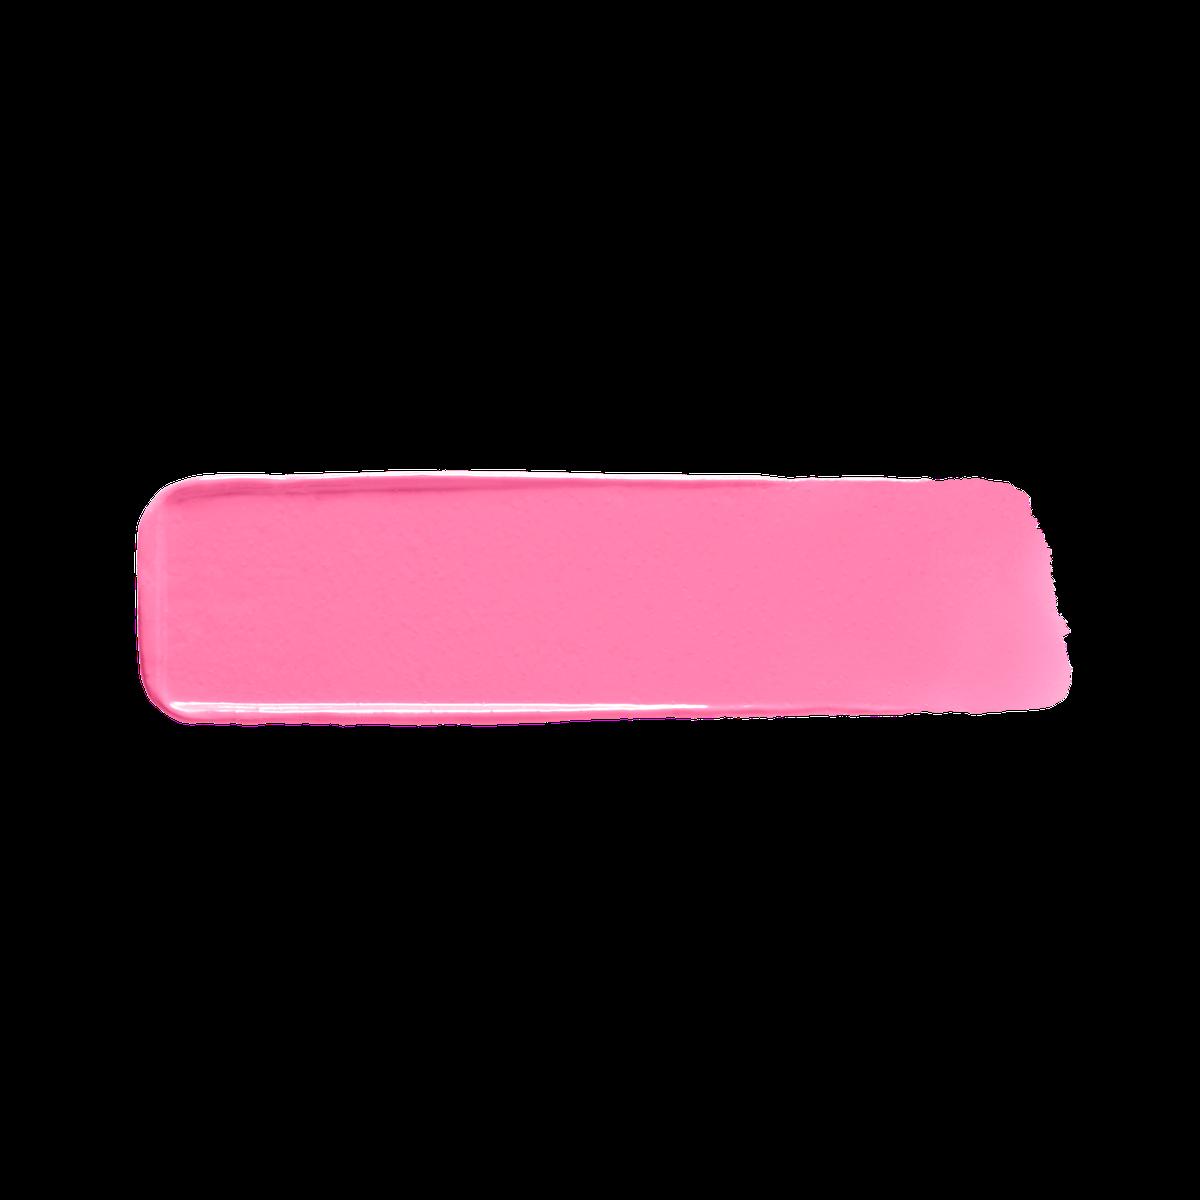 رژلب ژیوانشی مدل Interdit Satin رنگ 21 Rose Neon